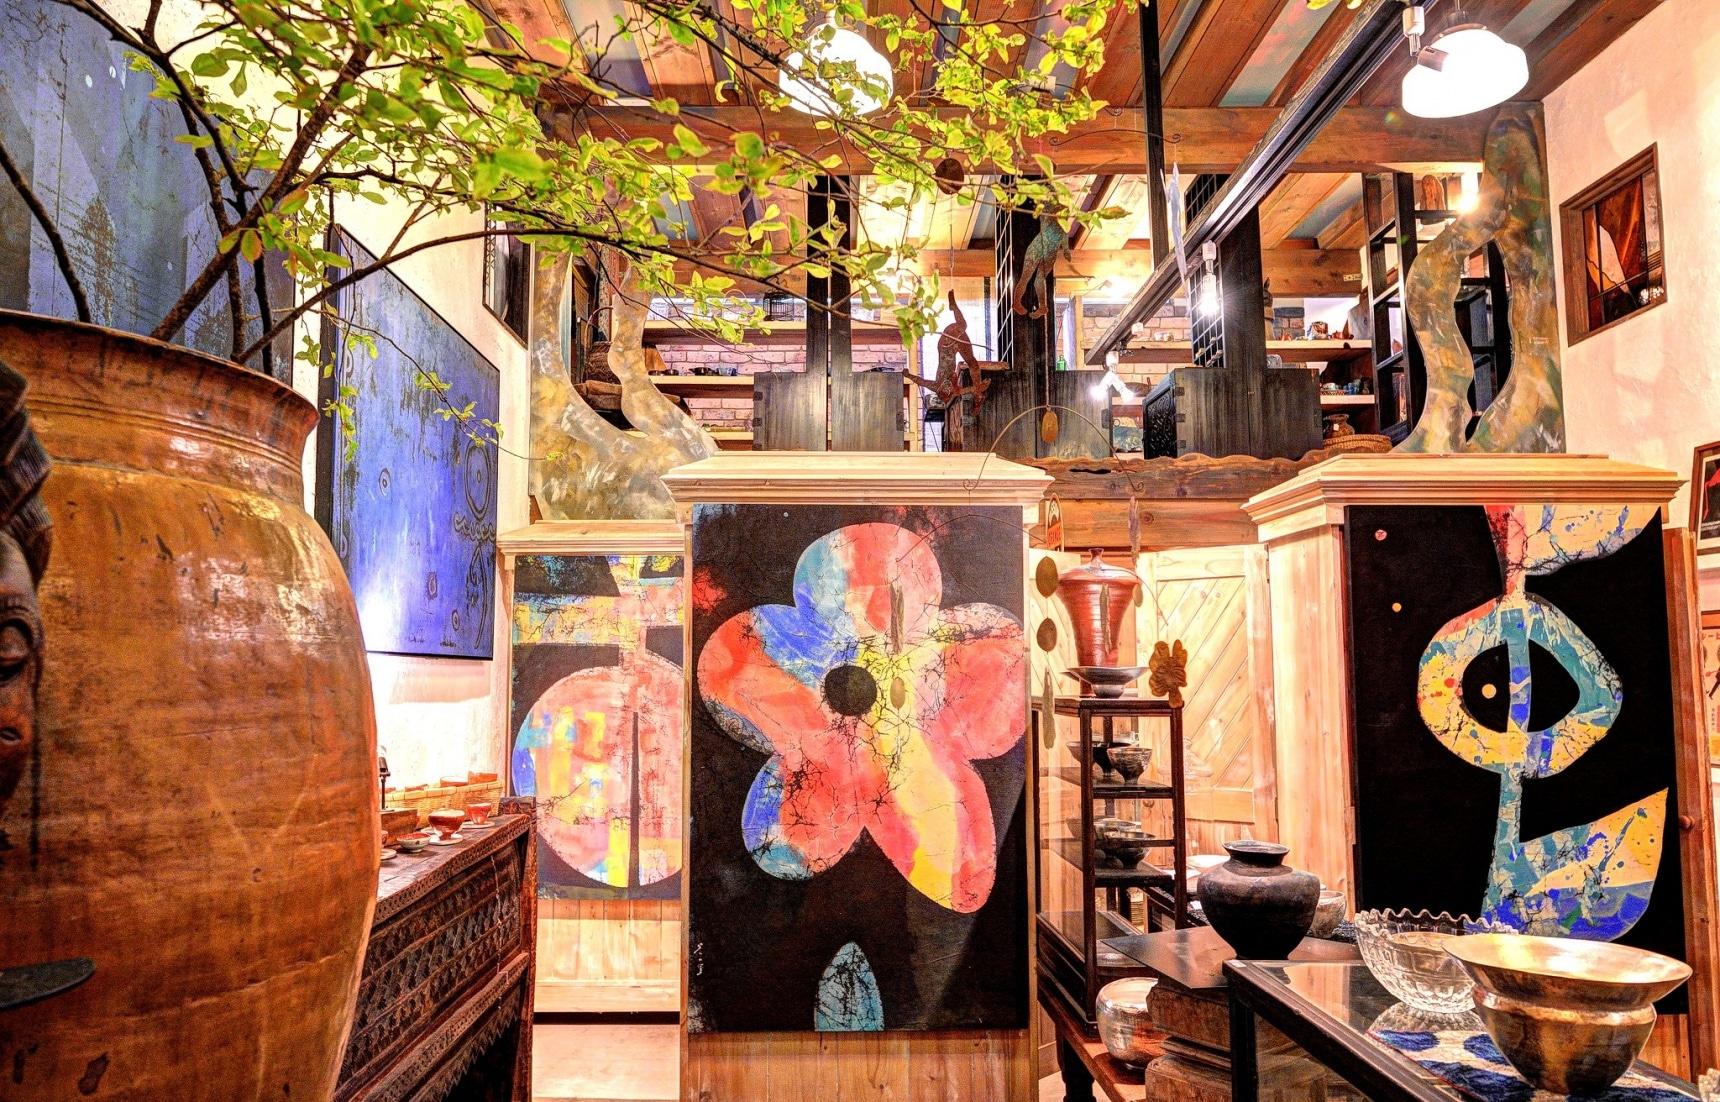 【山梨自由行】 走入自然尋訪藝術文化 清里知性之旅!